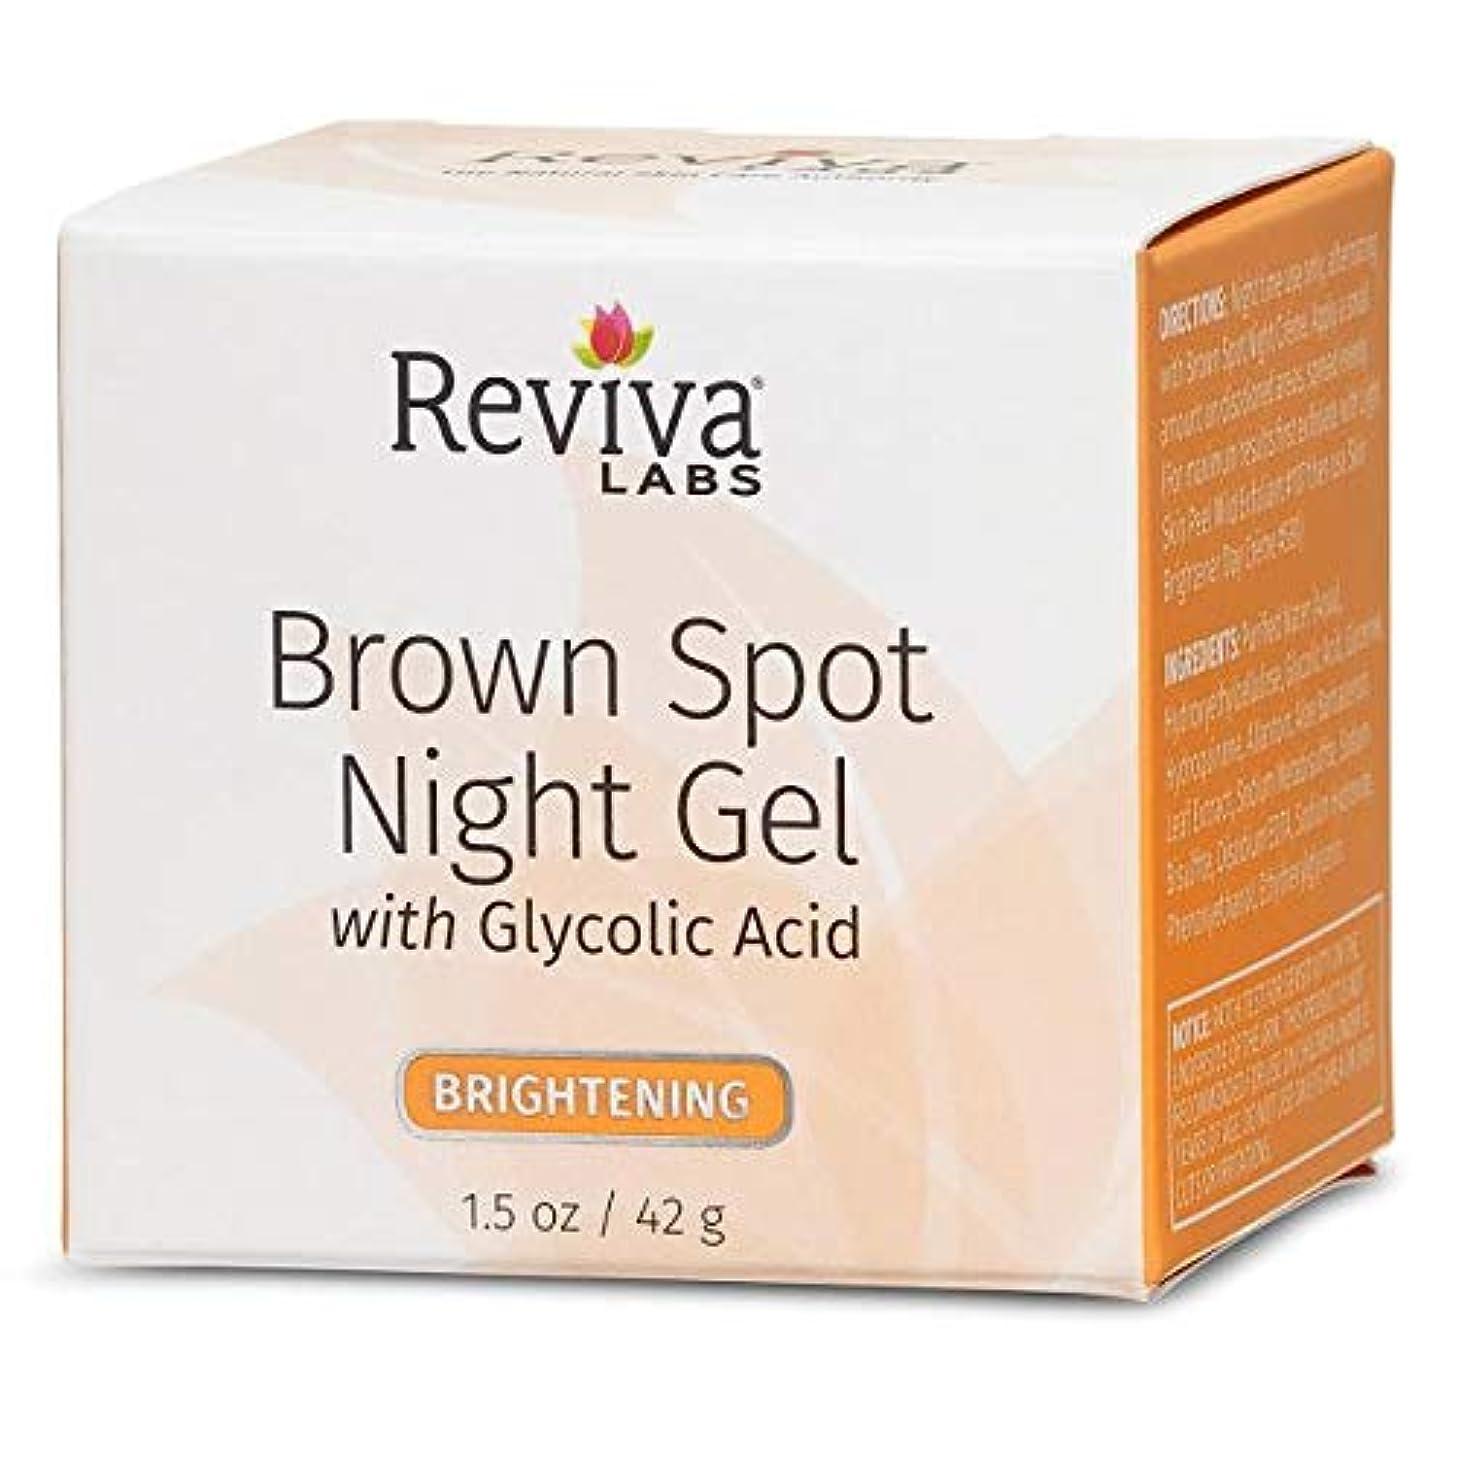 定規同情的泥ブラウンスポット ナイトジェル グリコール酸入り 1.25oz. REVIVA LABS社製 海外直送品